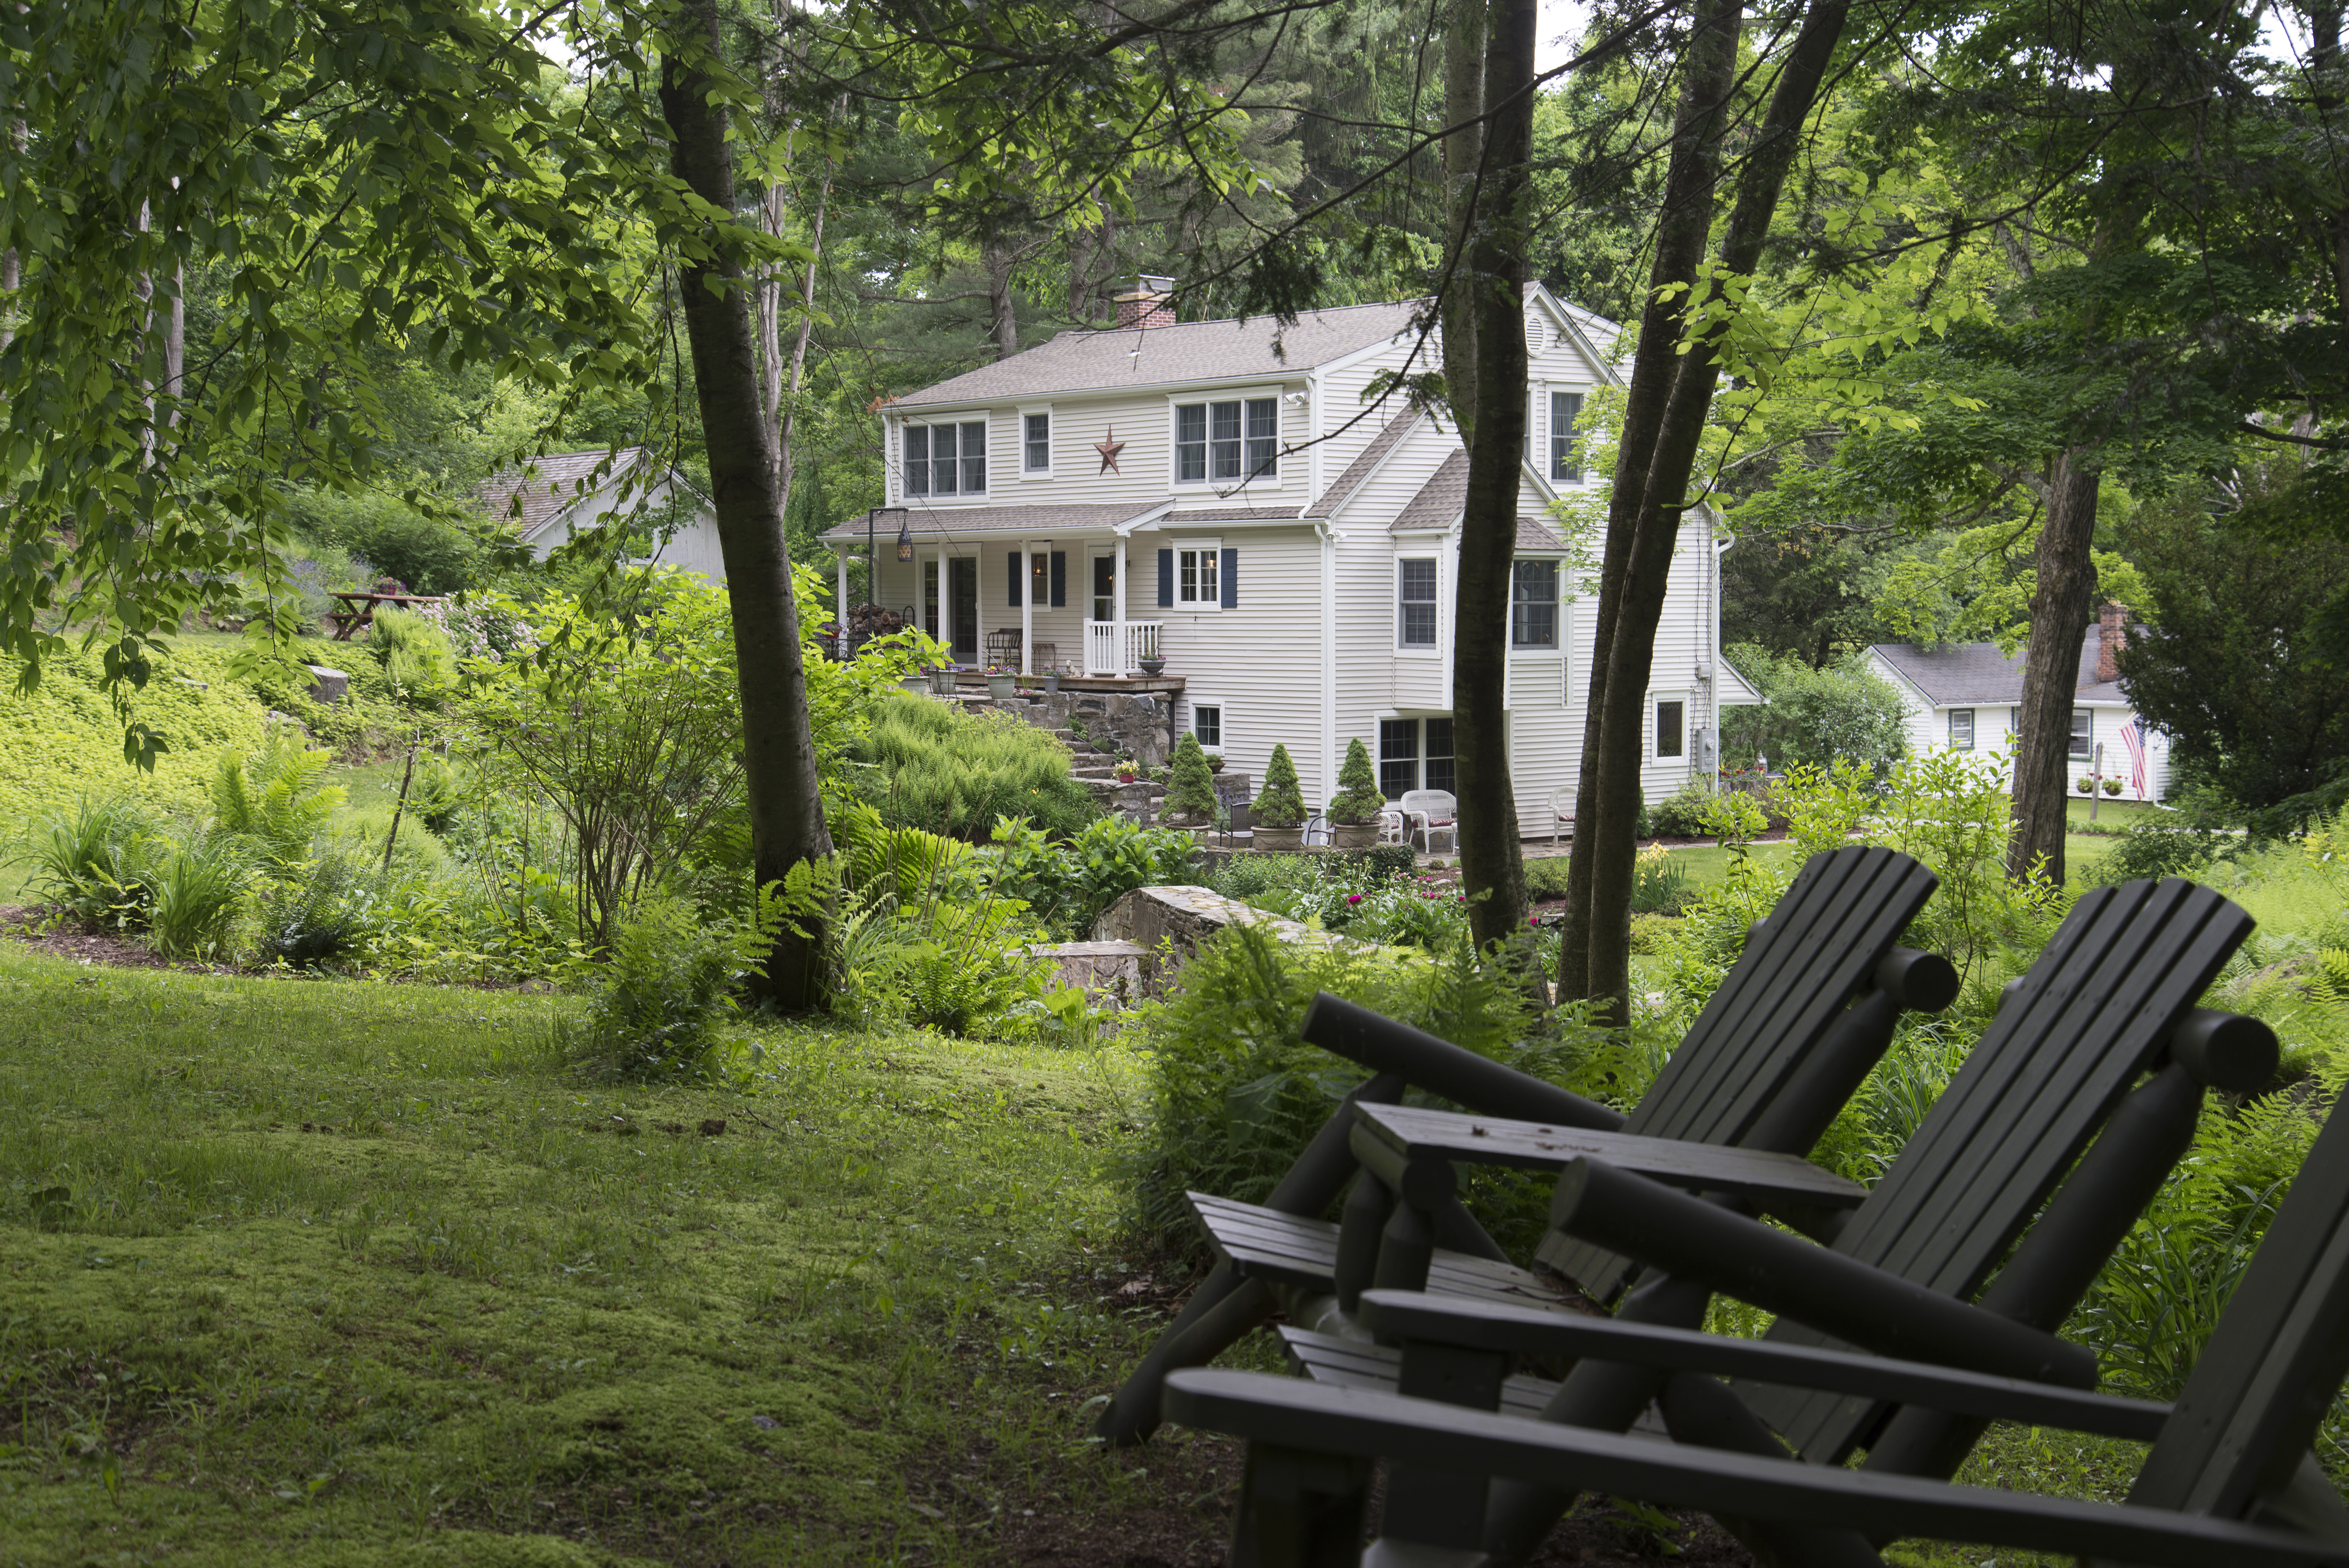 Maison unifamiliale pour l Vente à In-Town Colonial 67 River Road Washington, Connecticut 06794 États-Unis